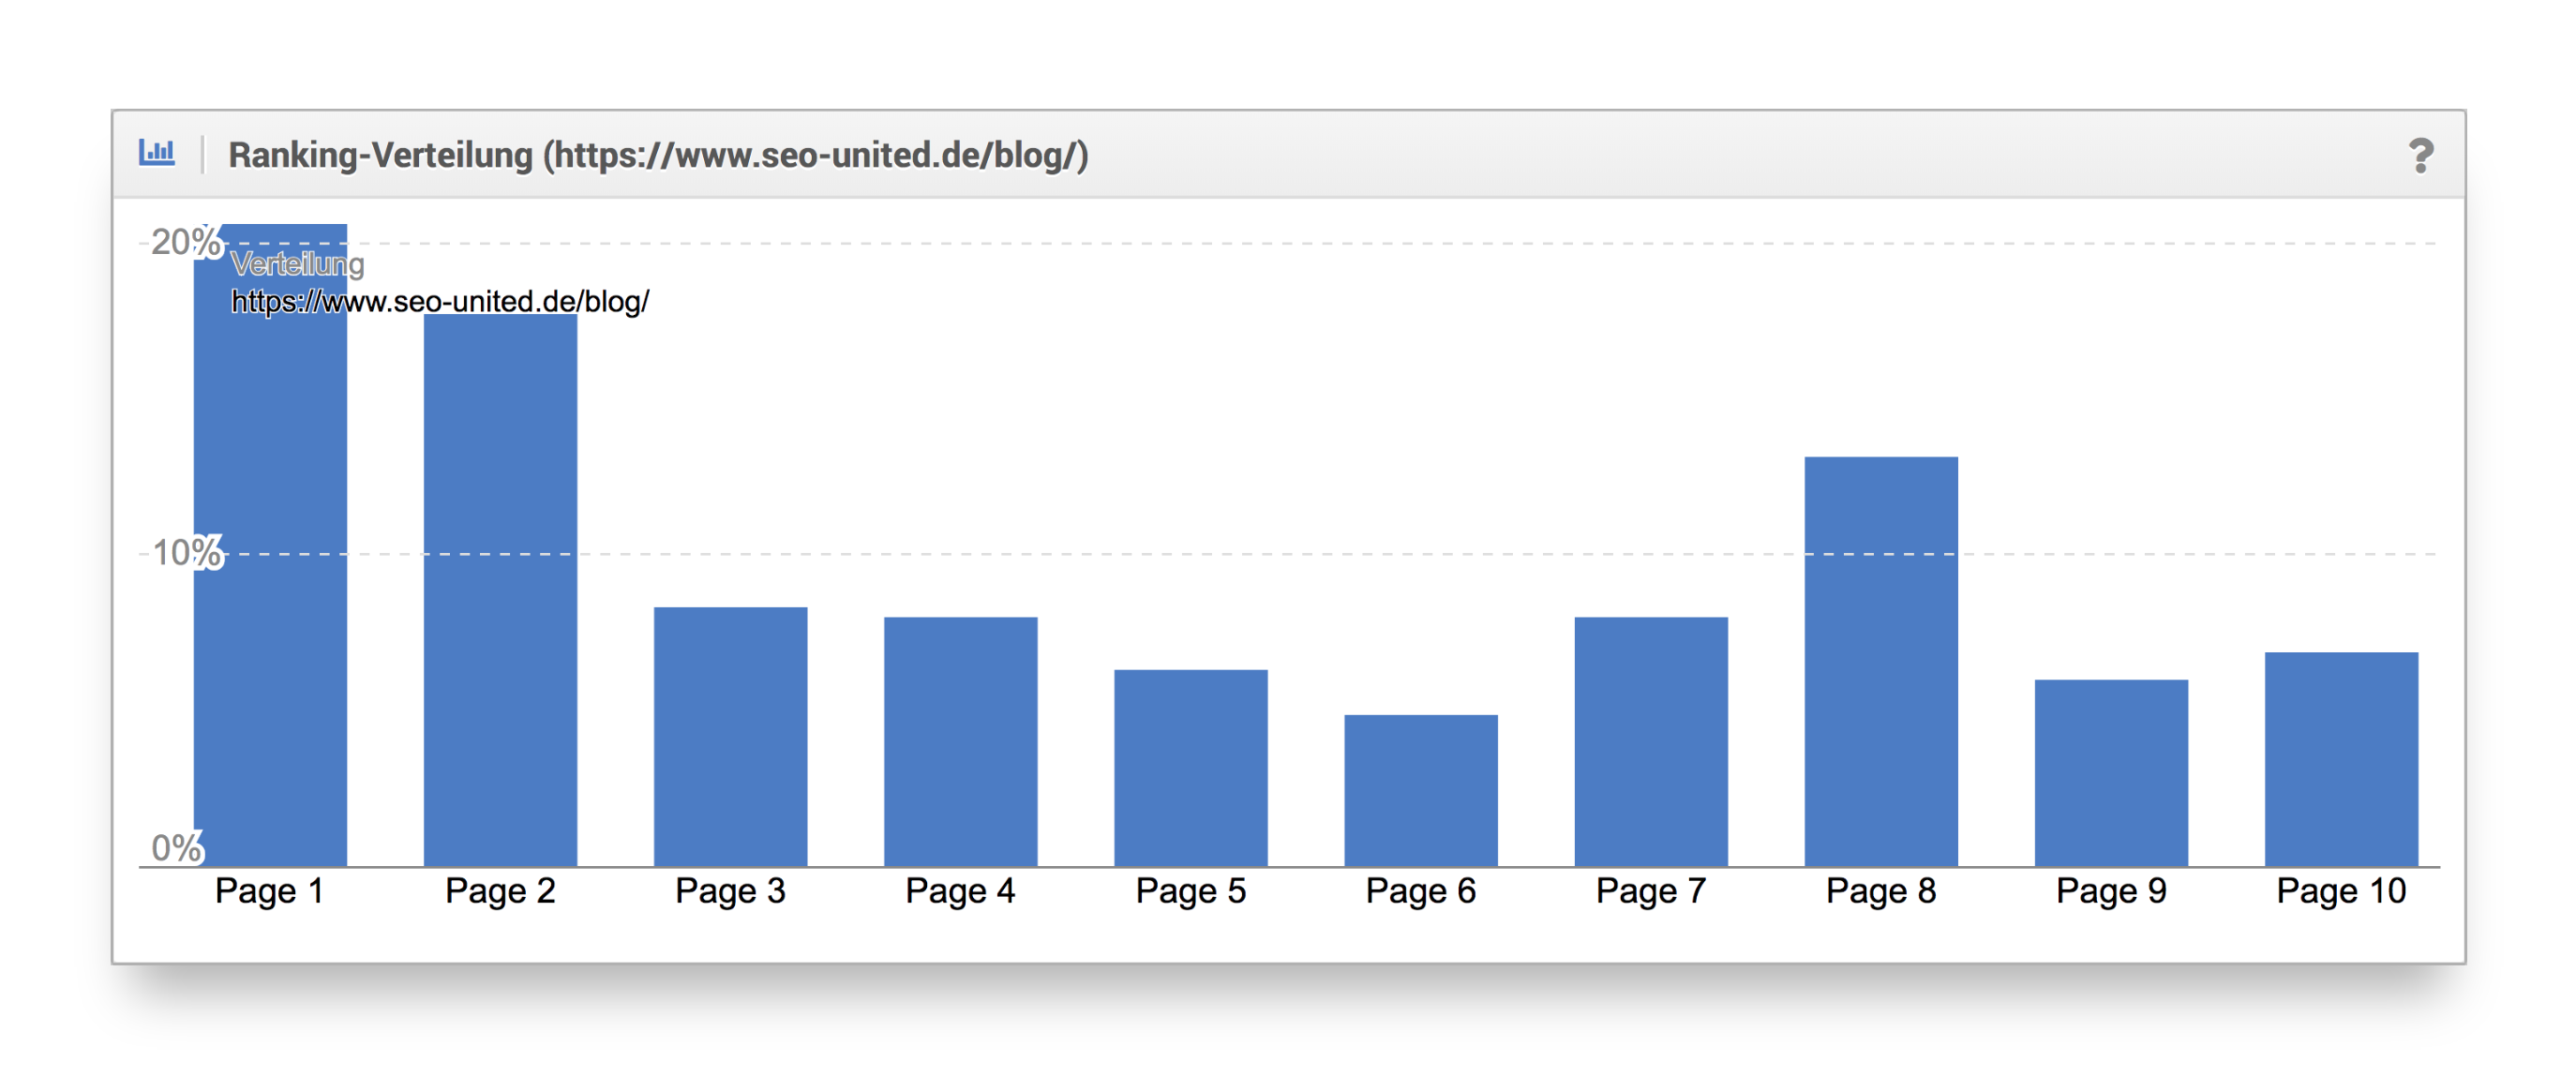 Ranking-Verteilung SEO-united.de Blog